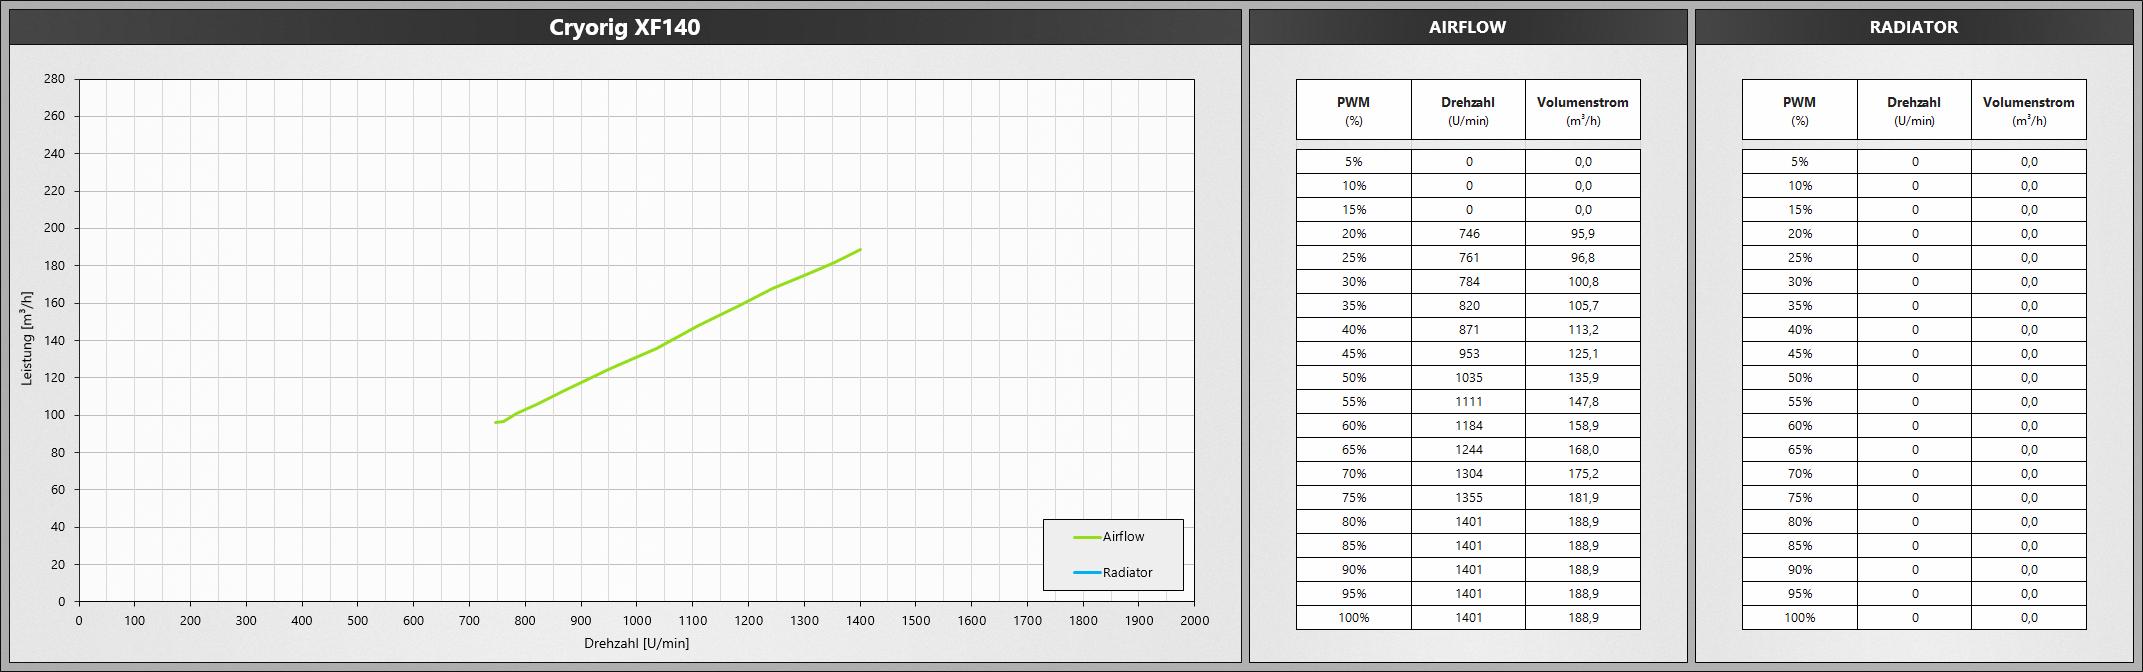 Klicken Sie auf die Grafik für eine größere Ansicht  Name:CryorigXF140.png Hits:664 Größe:463,6 KB ID:1074755